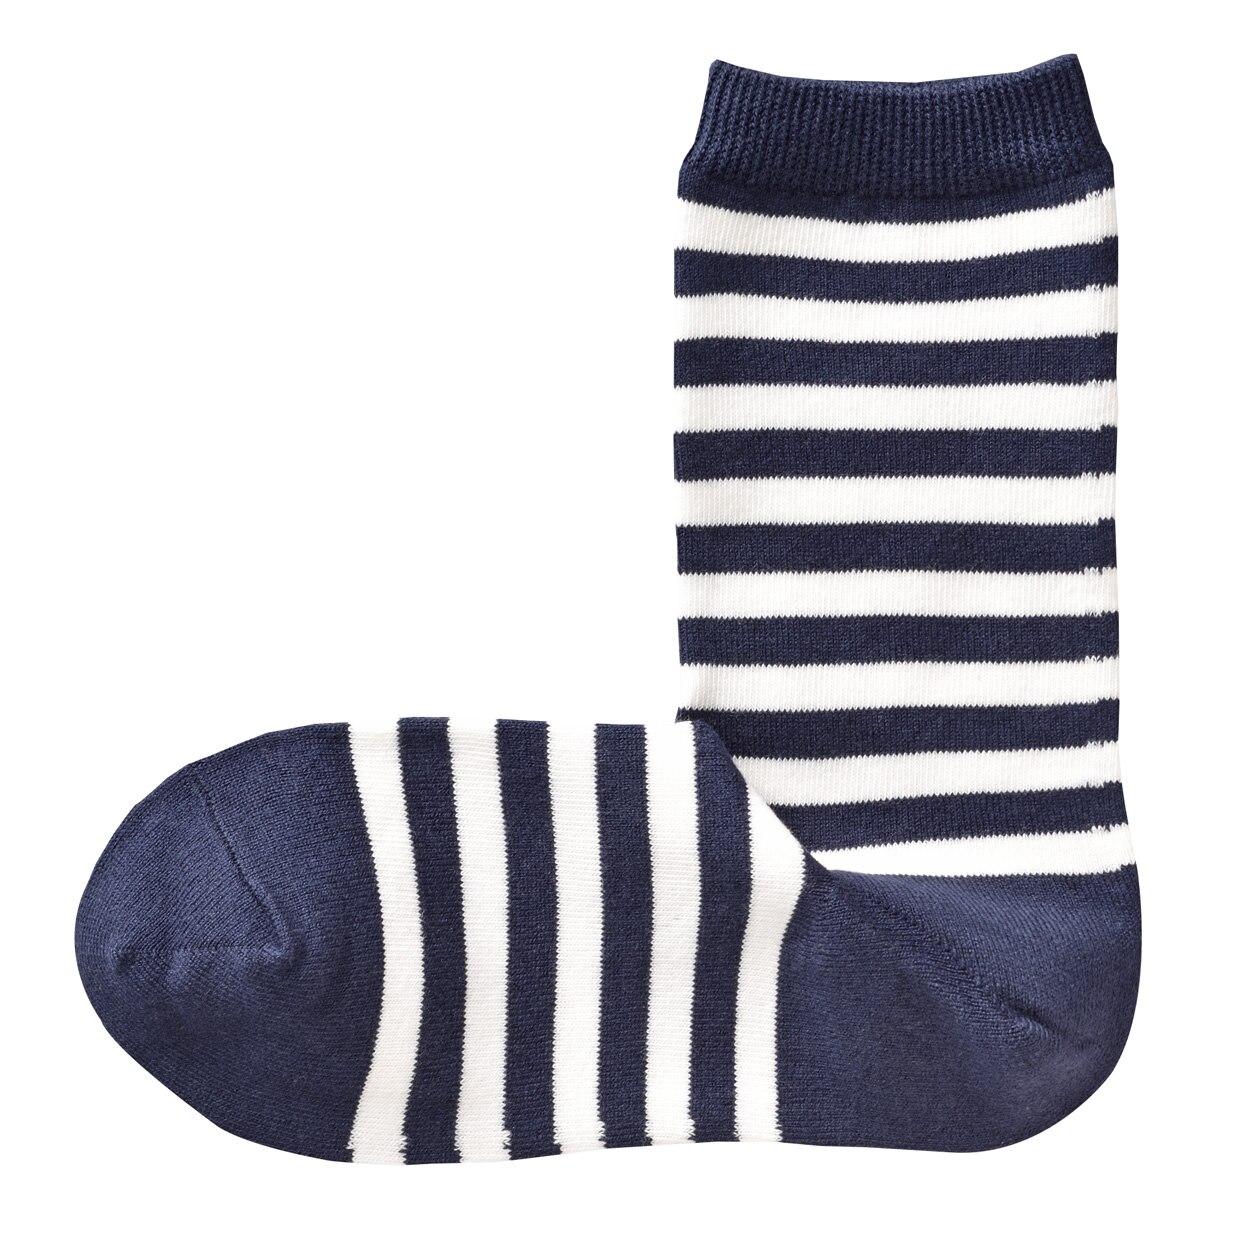 オーガニックコットン混足なり直角 口ゴムなしボーダー柄靴下(婦人・えらべる)